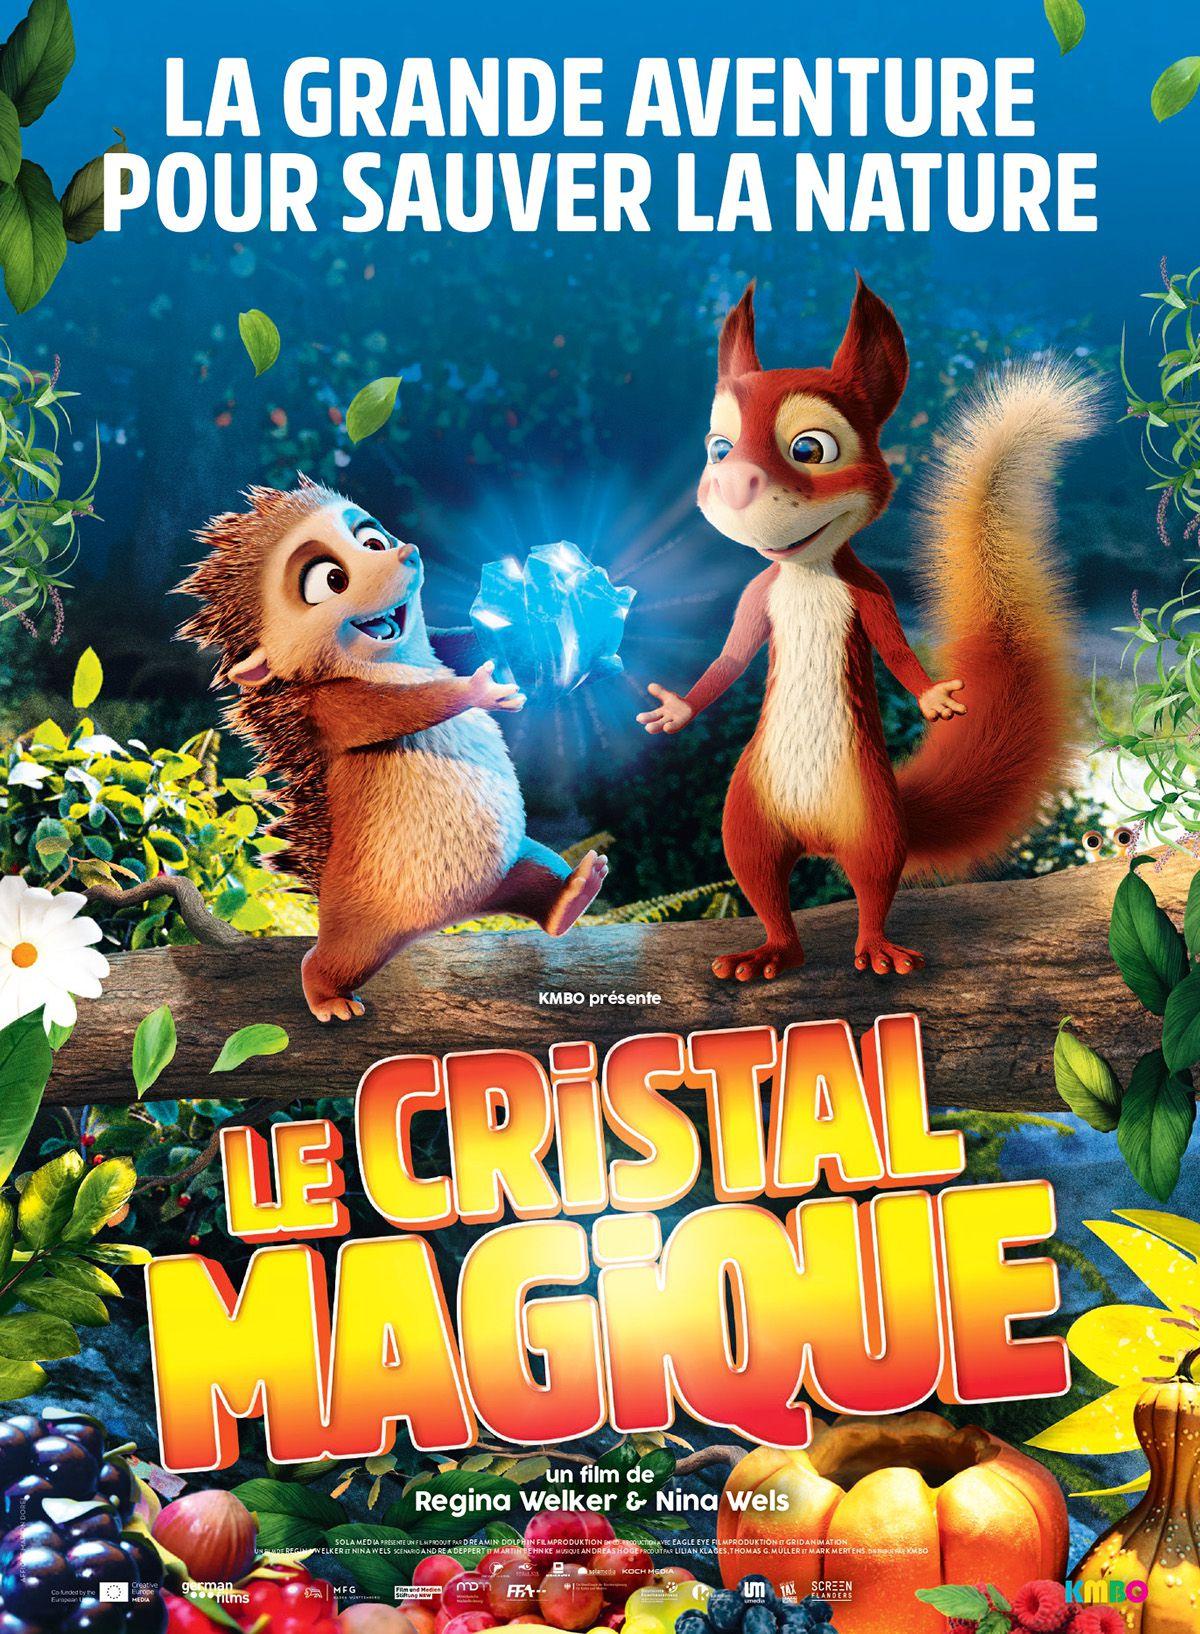 Le Cristal magique - Film (2019)